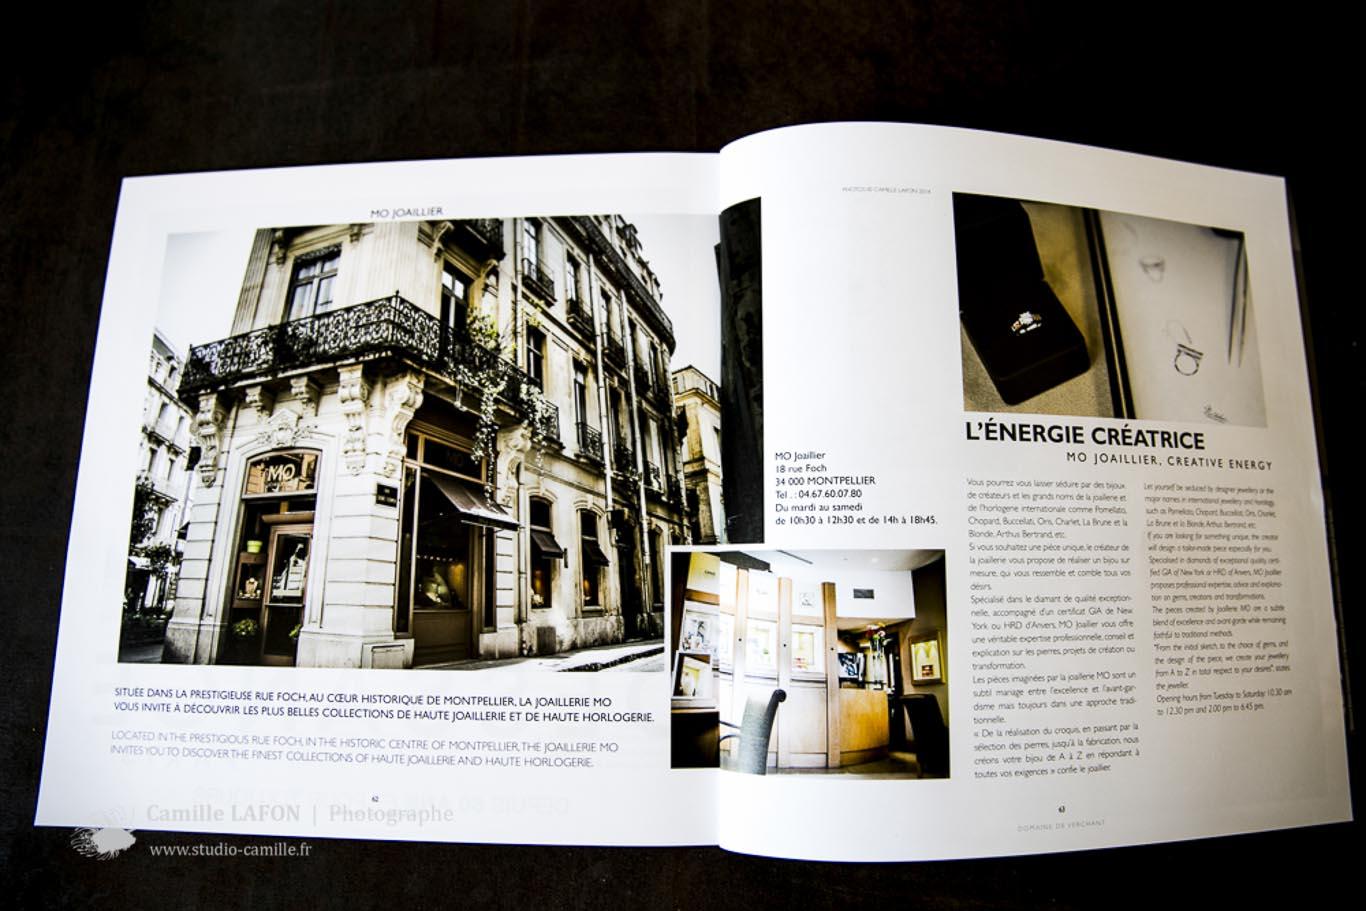 photographe-publicitaire-montpellier-magazine-verchant